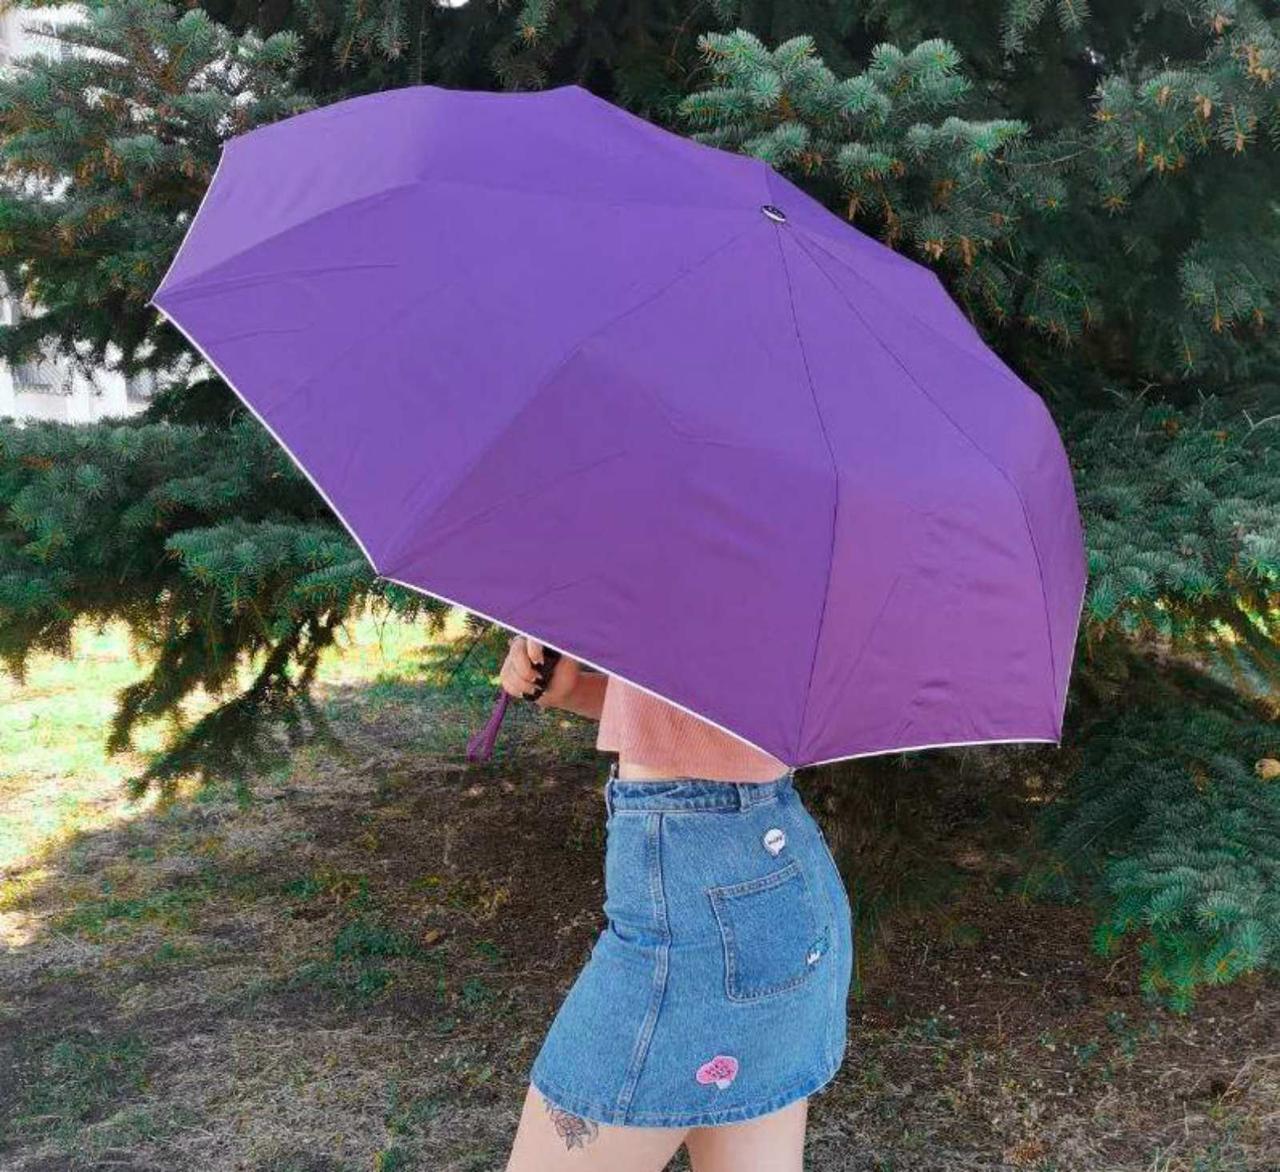 Зонт женский полуавтомат с куполом 99 см Max фиолетовый с принтом изнутри. Анти-ветер, 9 спиц.